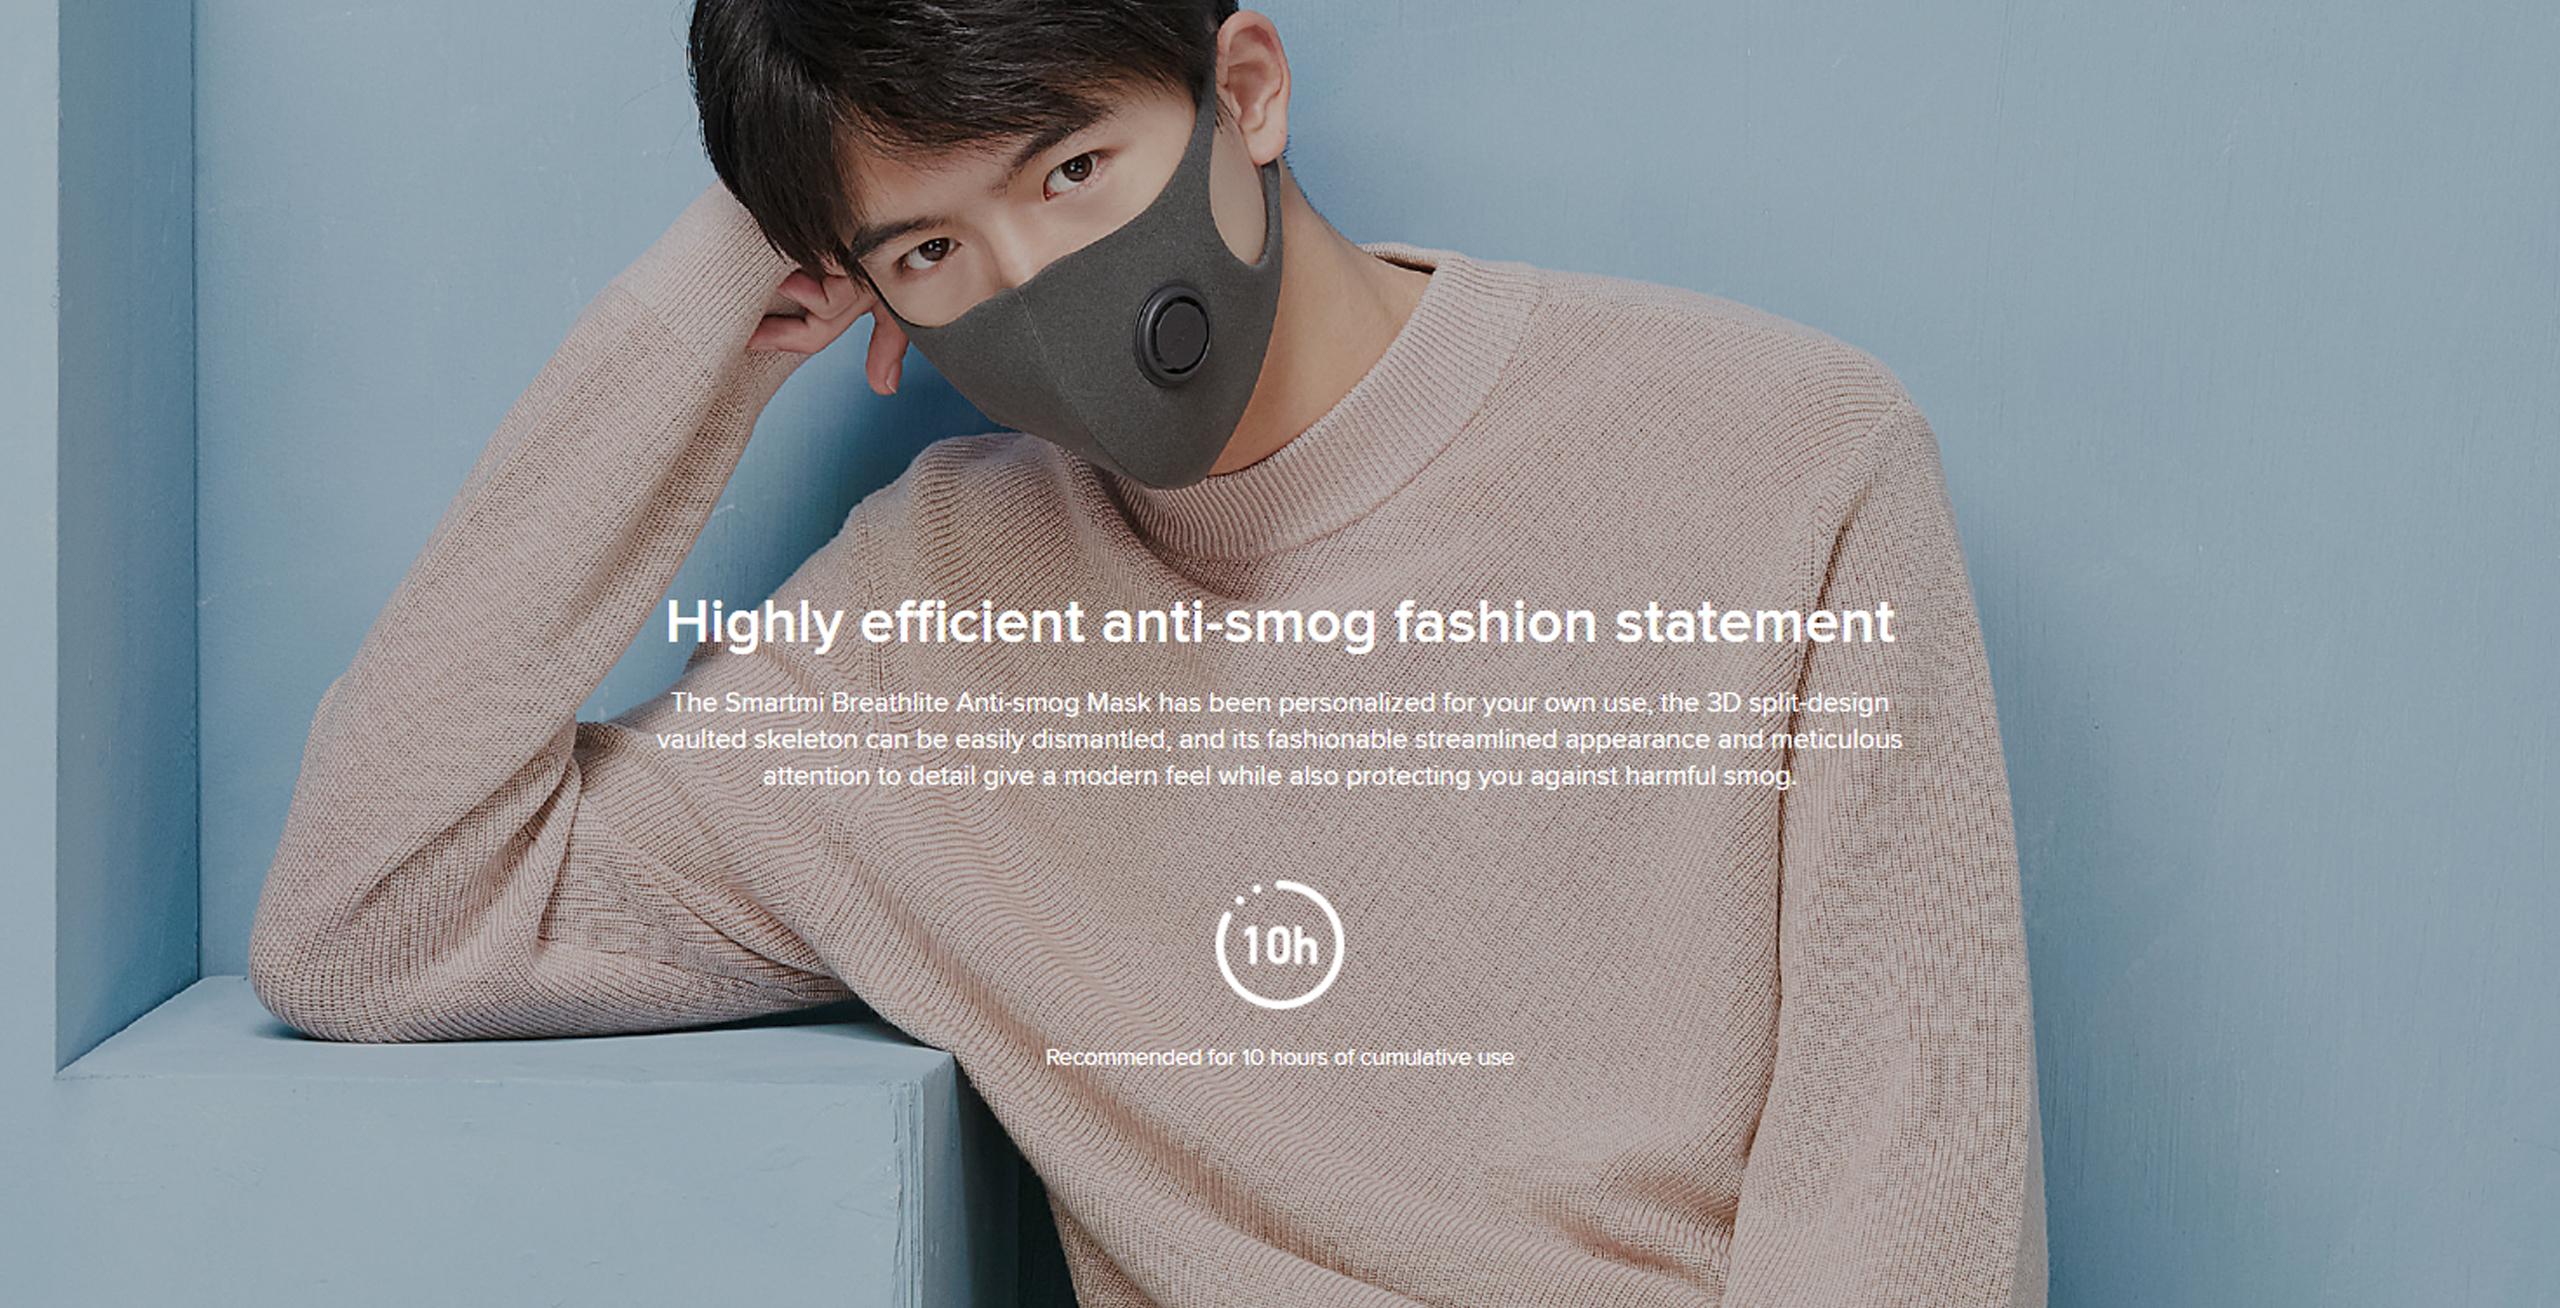 Smartmi Breathlite Anti-Smog Mask KN95